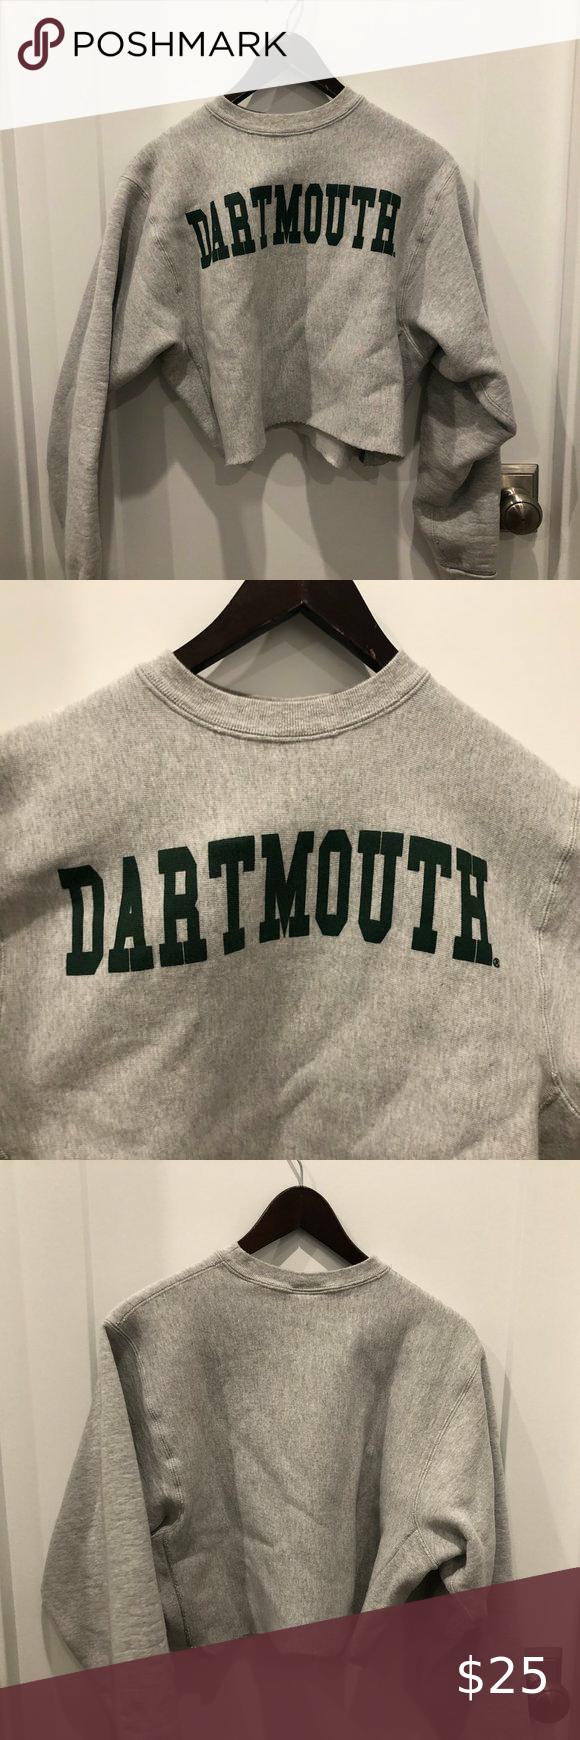 Dartmouth College Sweatshirt Authentic Dartmouth College Sweatshirt Straight From The College Itself Cropped To Sweatshirts College Sweatshirt Sweatshirt Tops [ 1740 x 580 Pixel ]